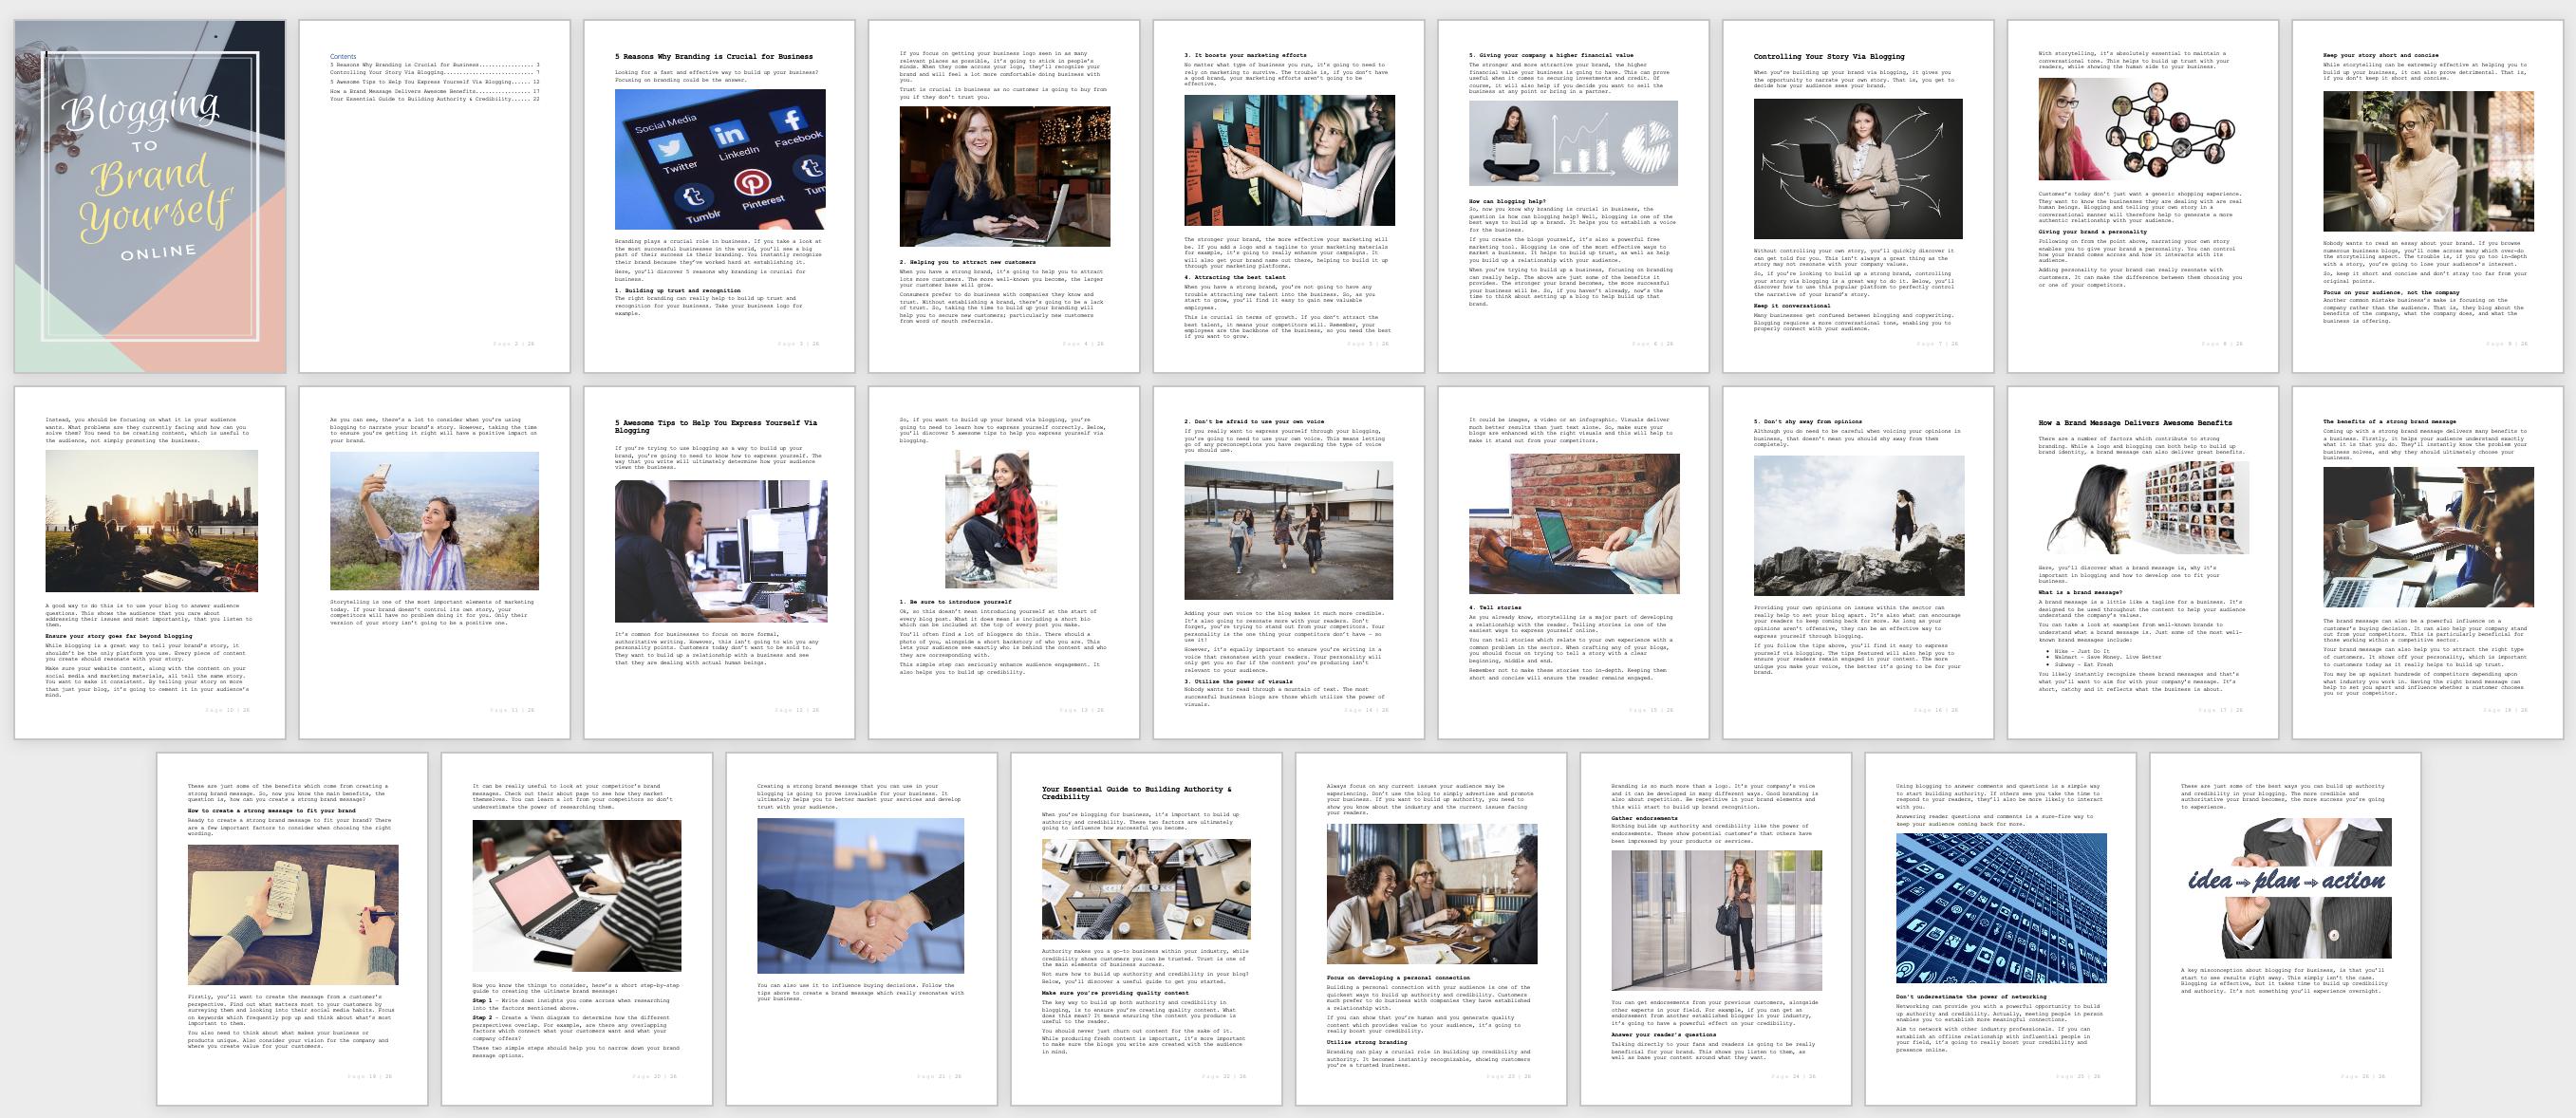 BloggingToBrandYourself-Report-Content